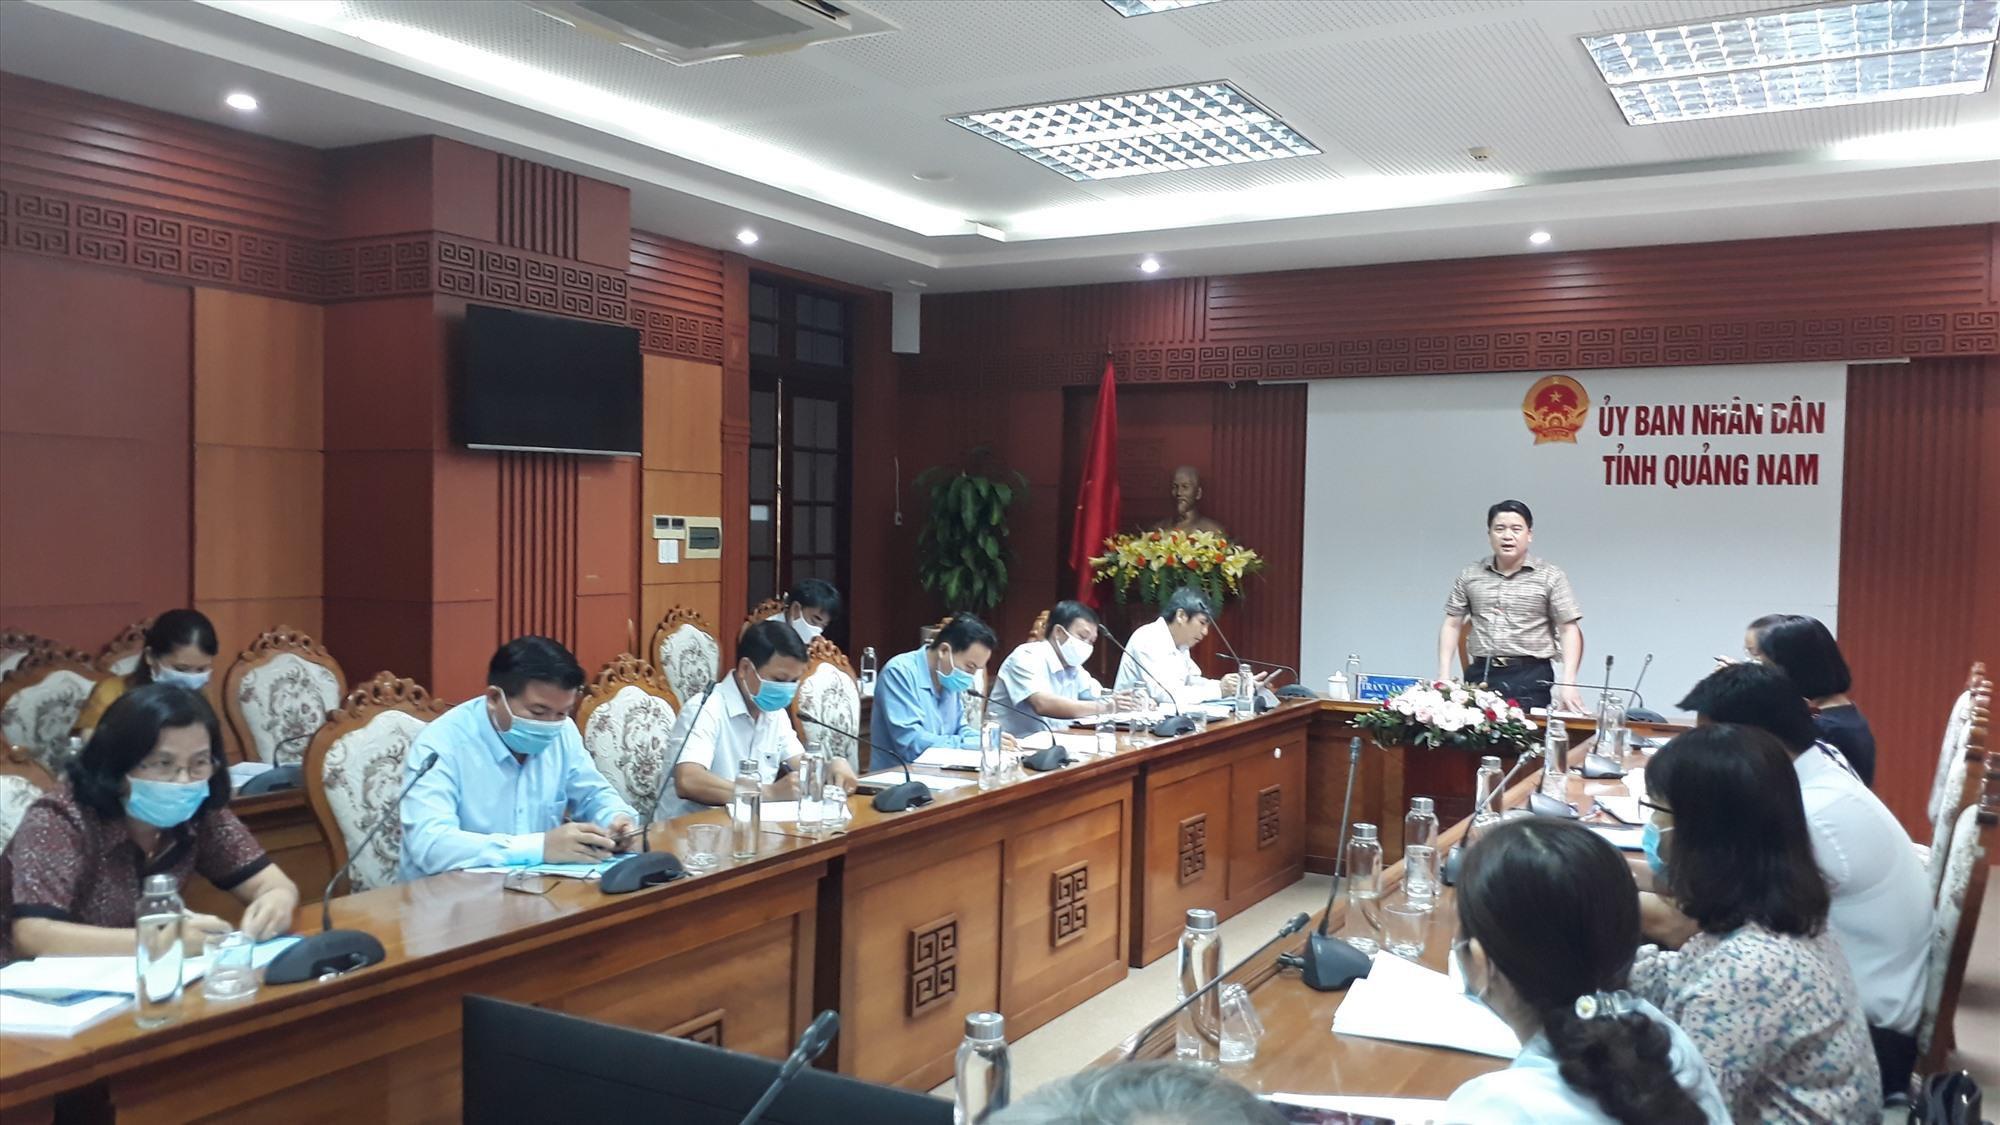 Phó Chủ tịch UBND tỉnh Trần Văn Tân thống nhất trình HĐND tỉnh 2 đề án giáo dục. Ảnh: X.P